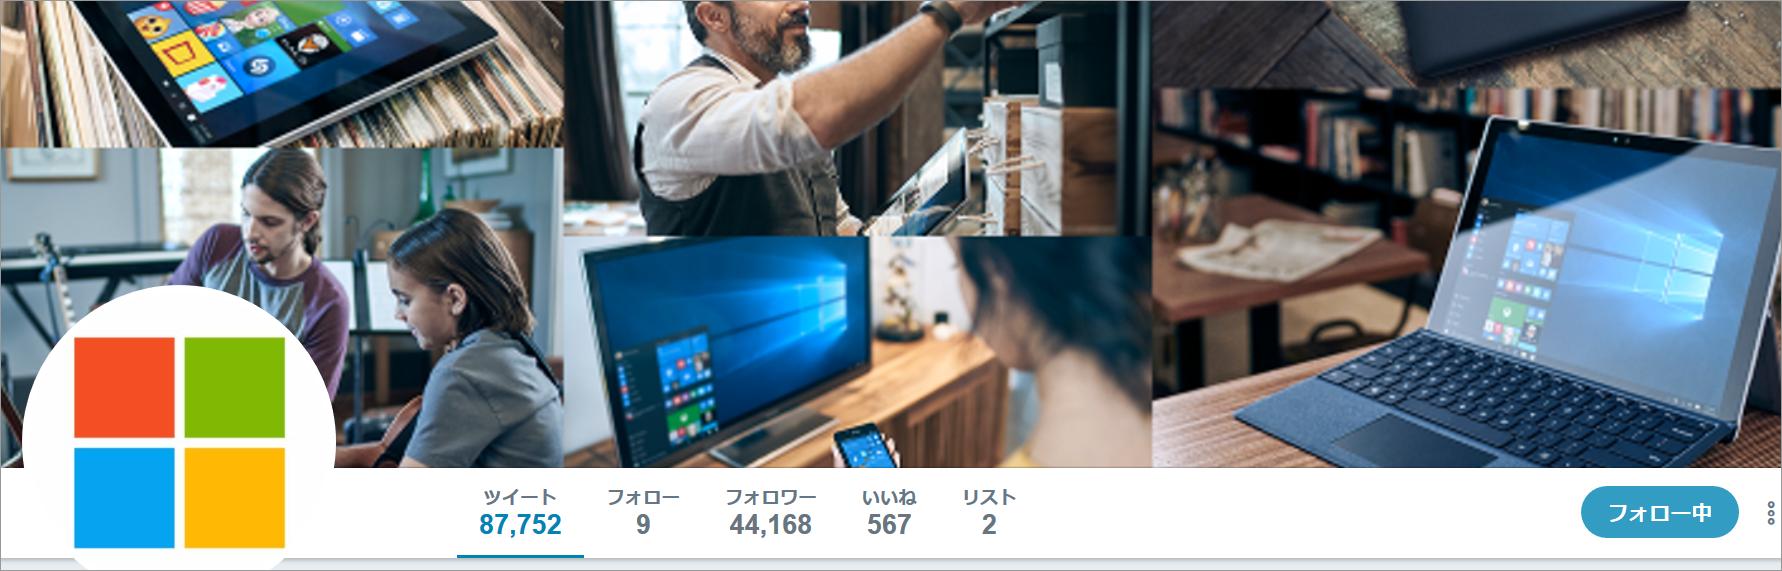 マイクロソフトサポート_Twitterアカウント画面イメージ